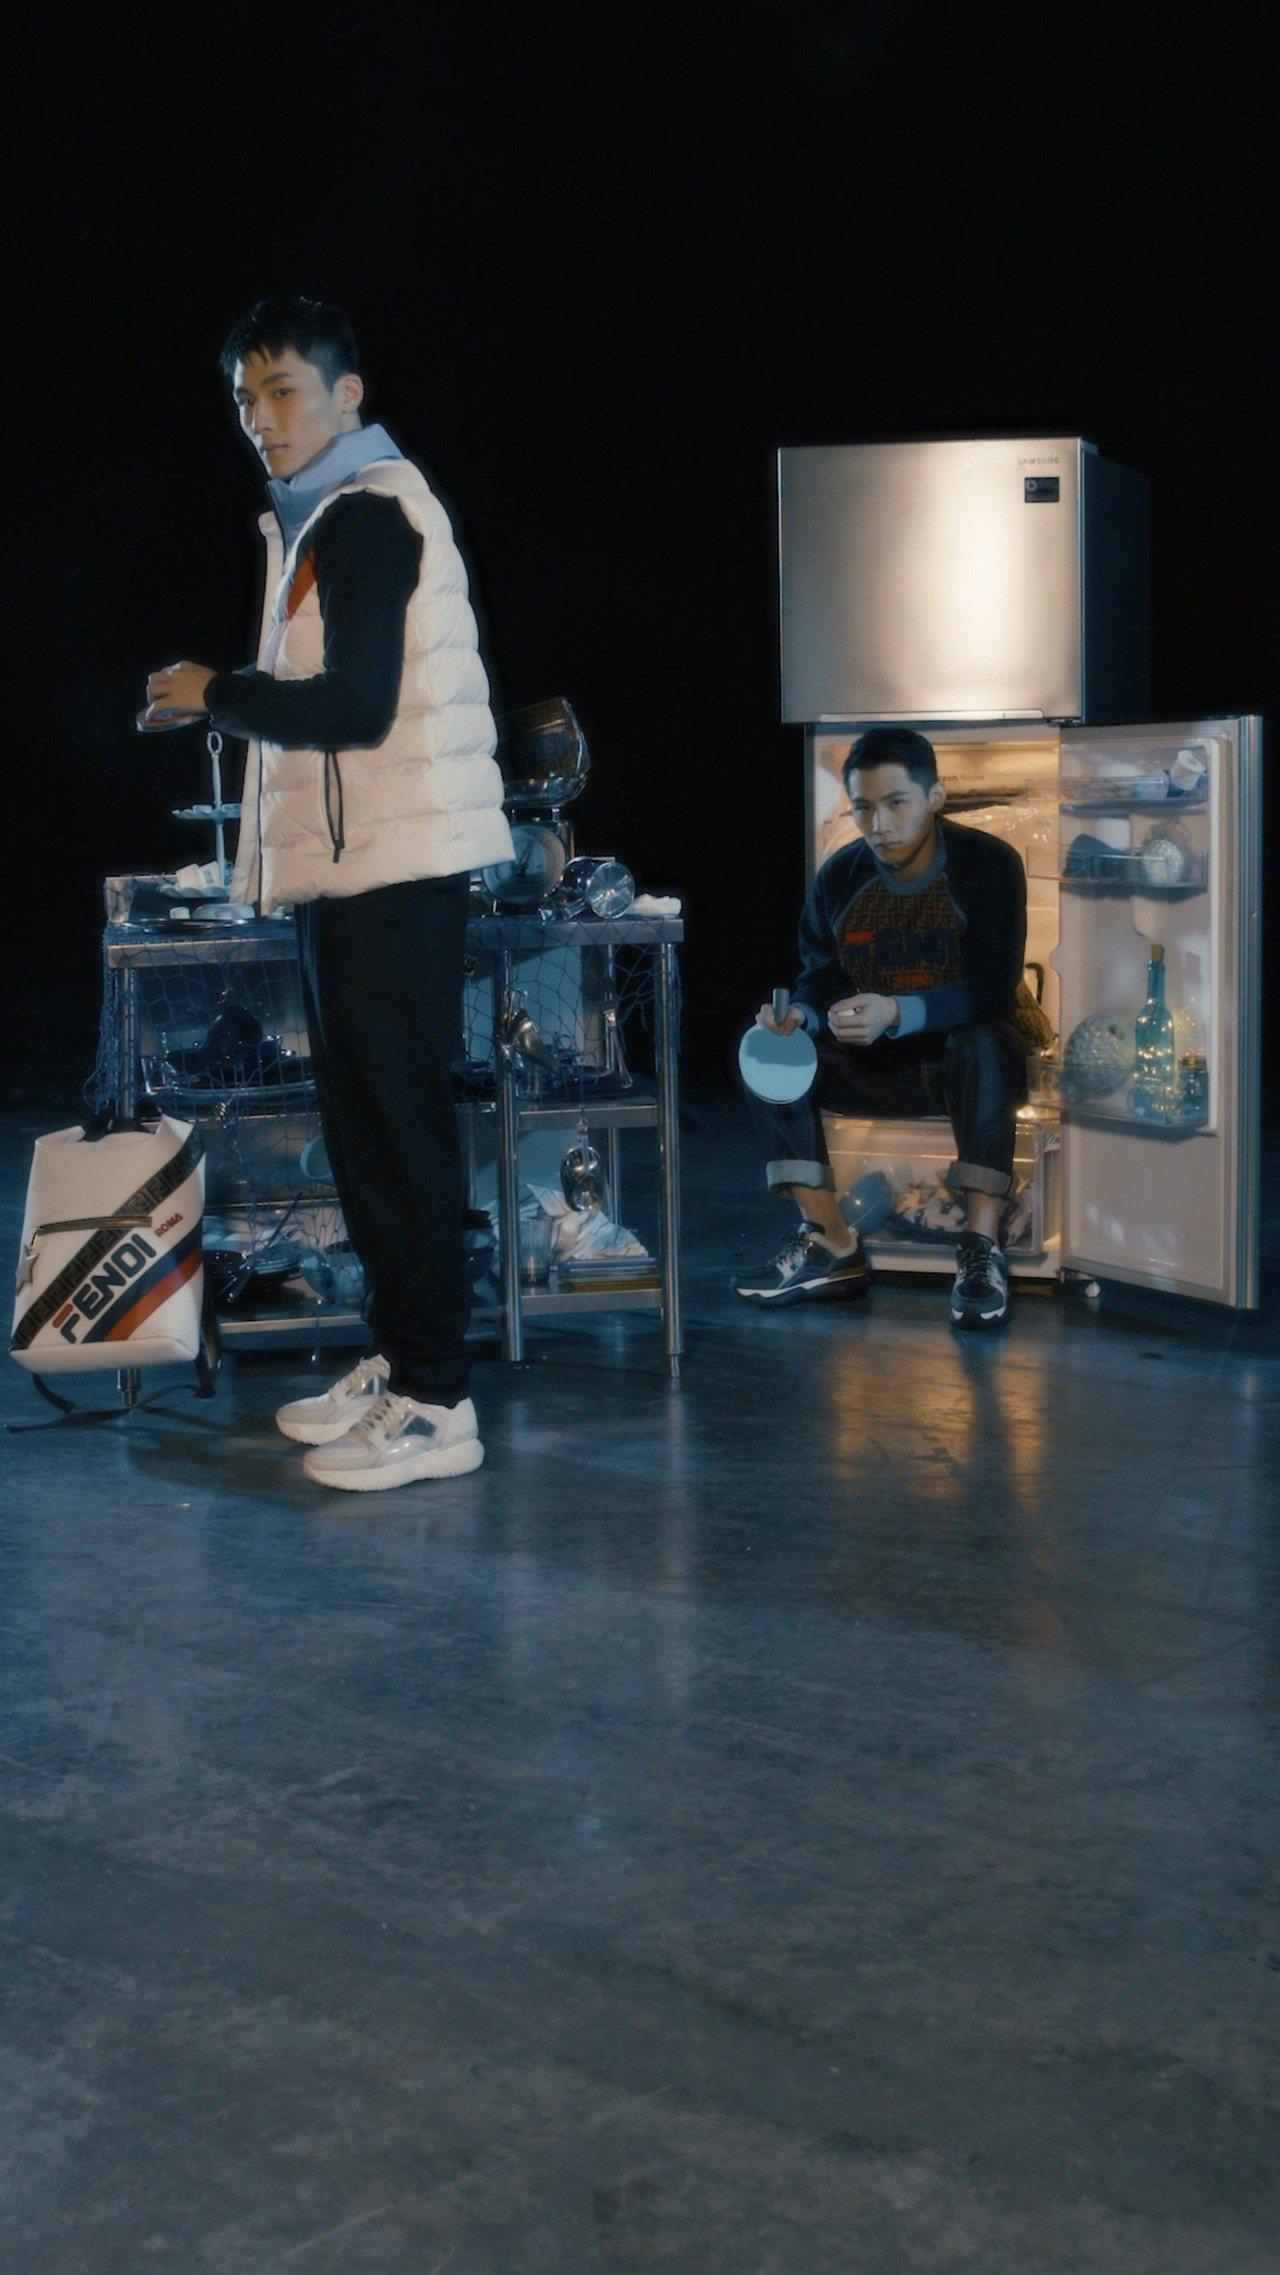 演出電影《大師兄》的湯君慈、湯君耀演繹Mania系列。圖/FENDI提供